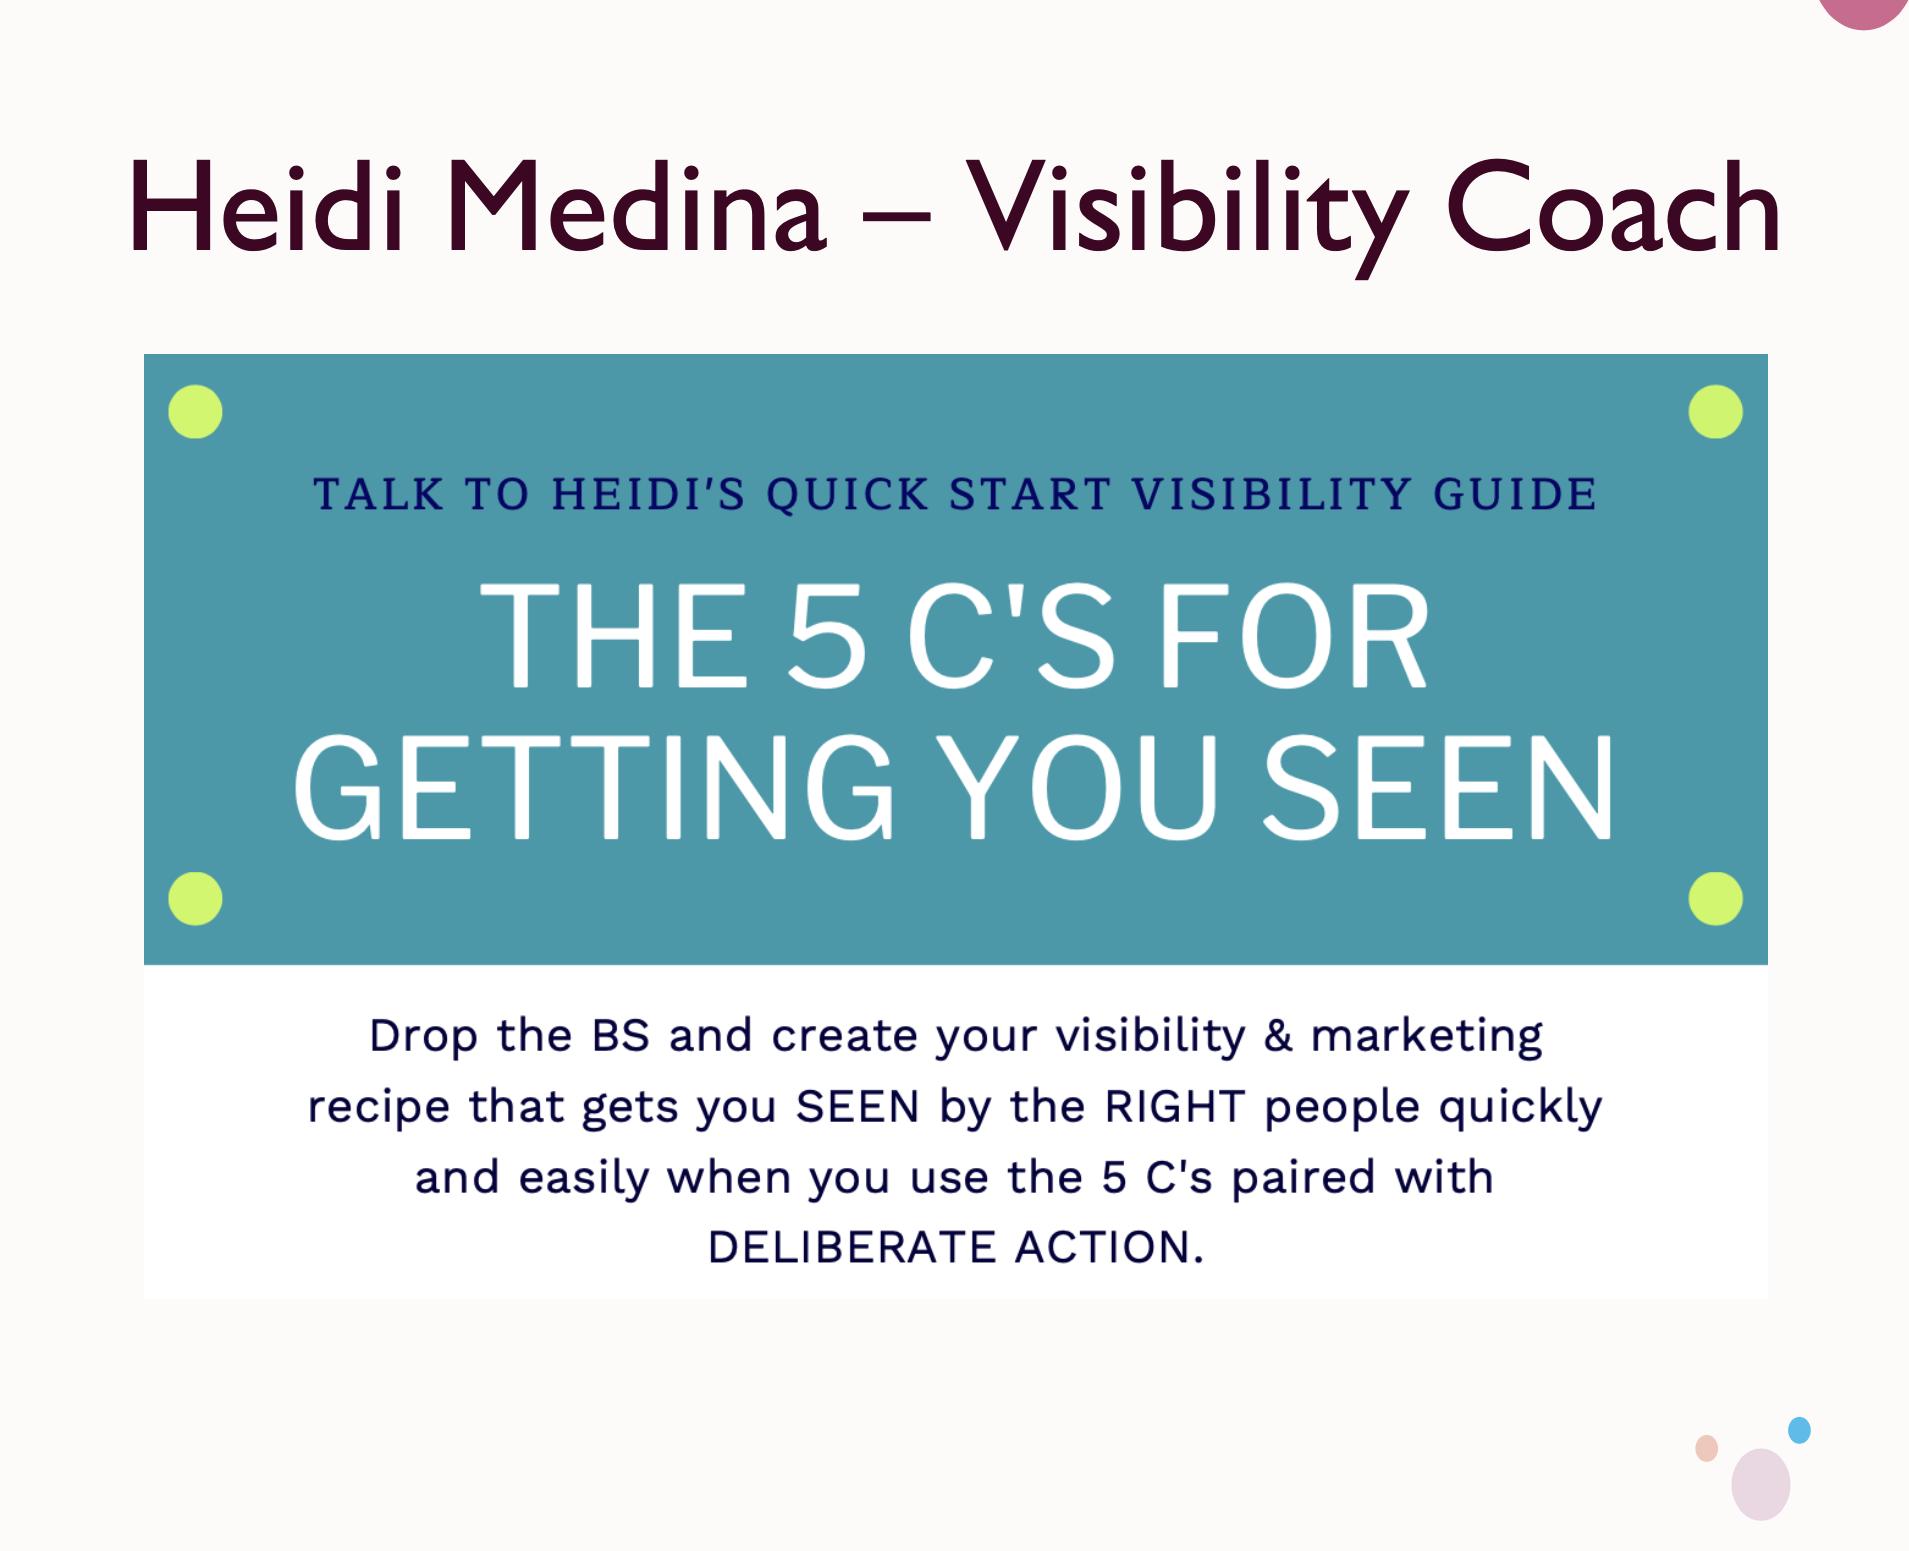 Heidi Medina visibility coach